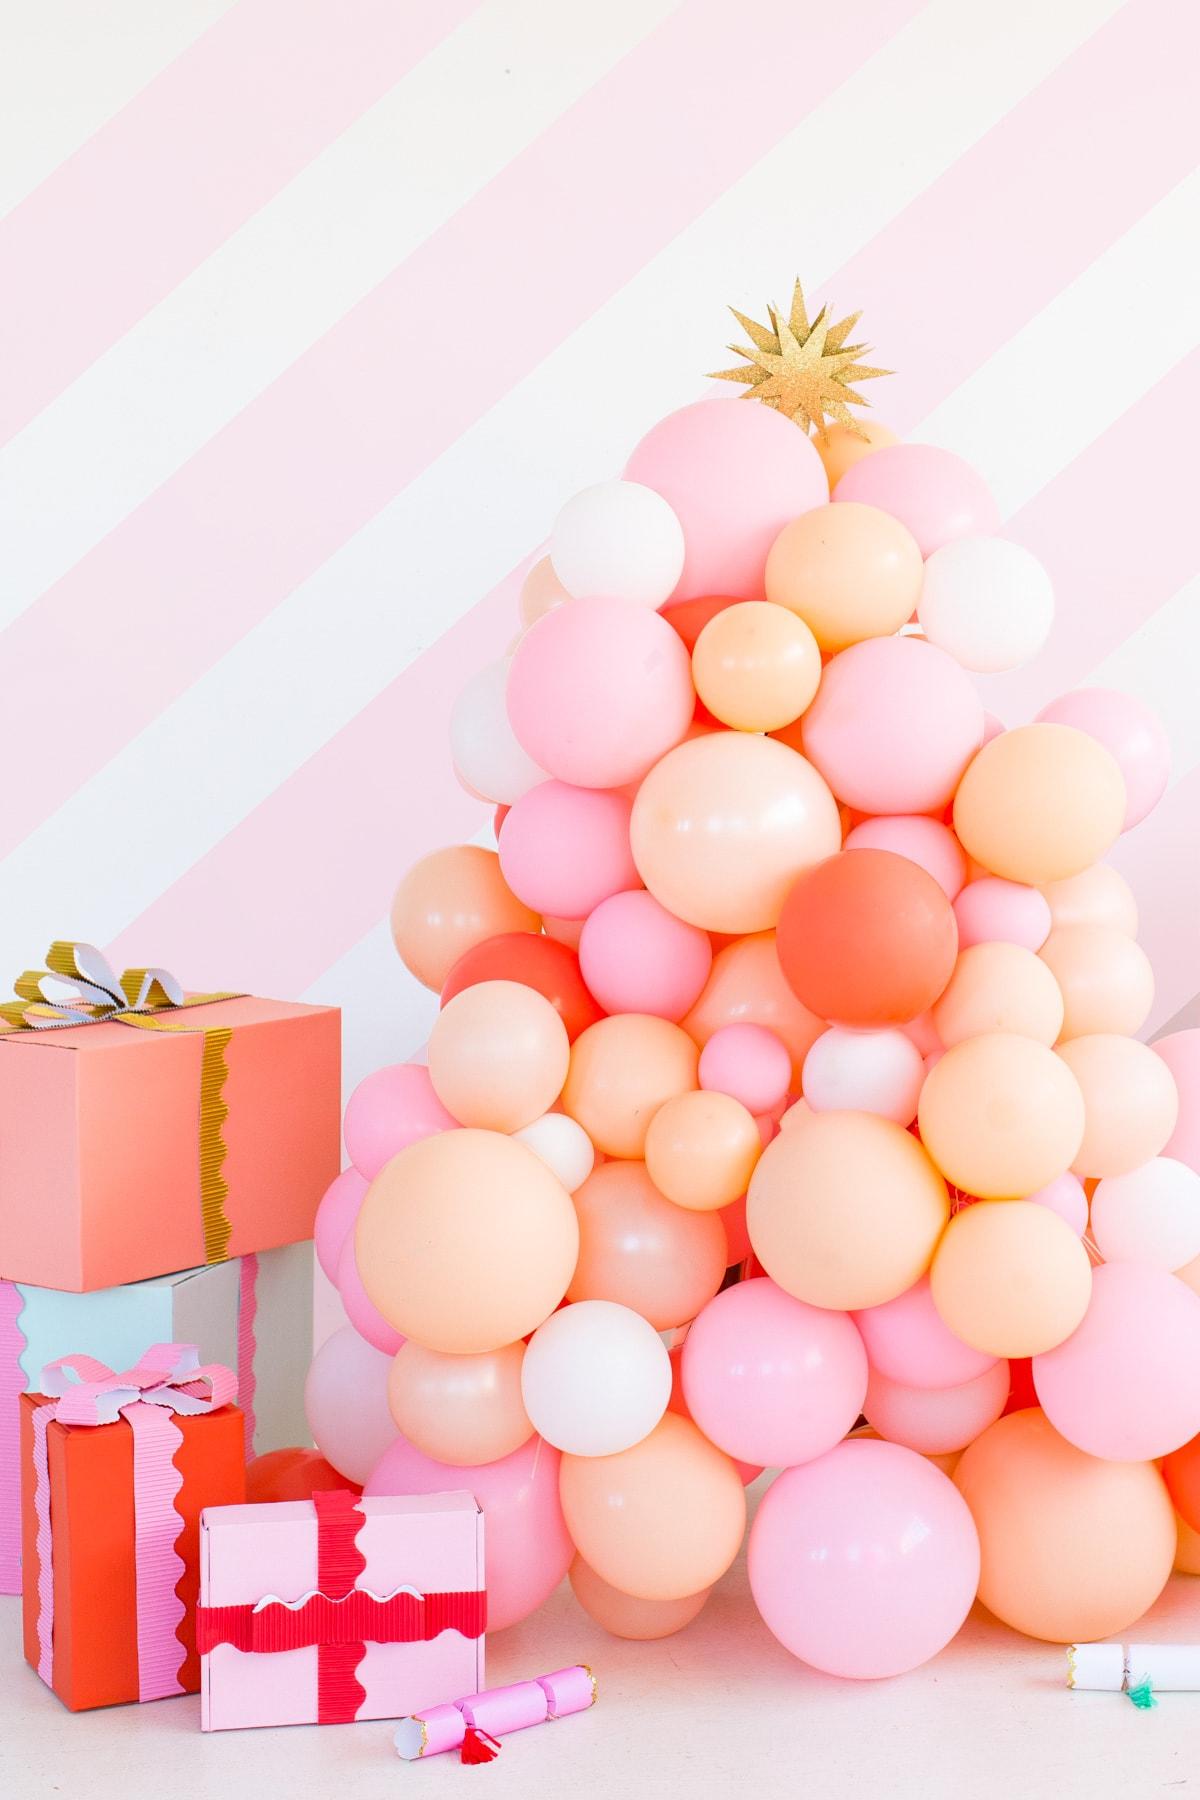 fantásticas ideas sobre como hacer un arbol de navidad inusual y bonito, manualidades para decorar la casa en navidad